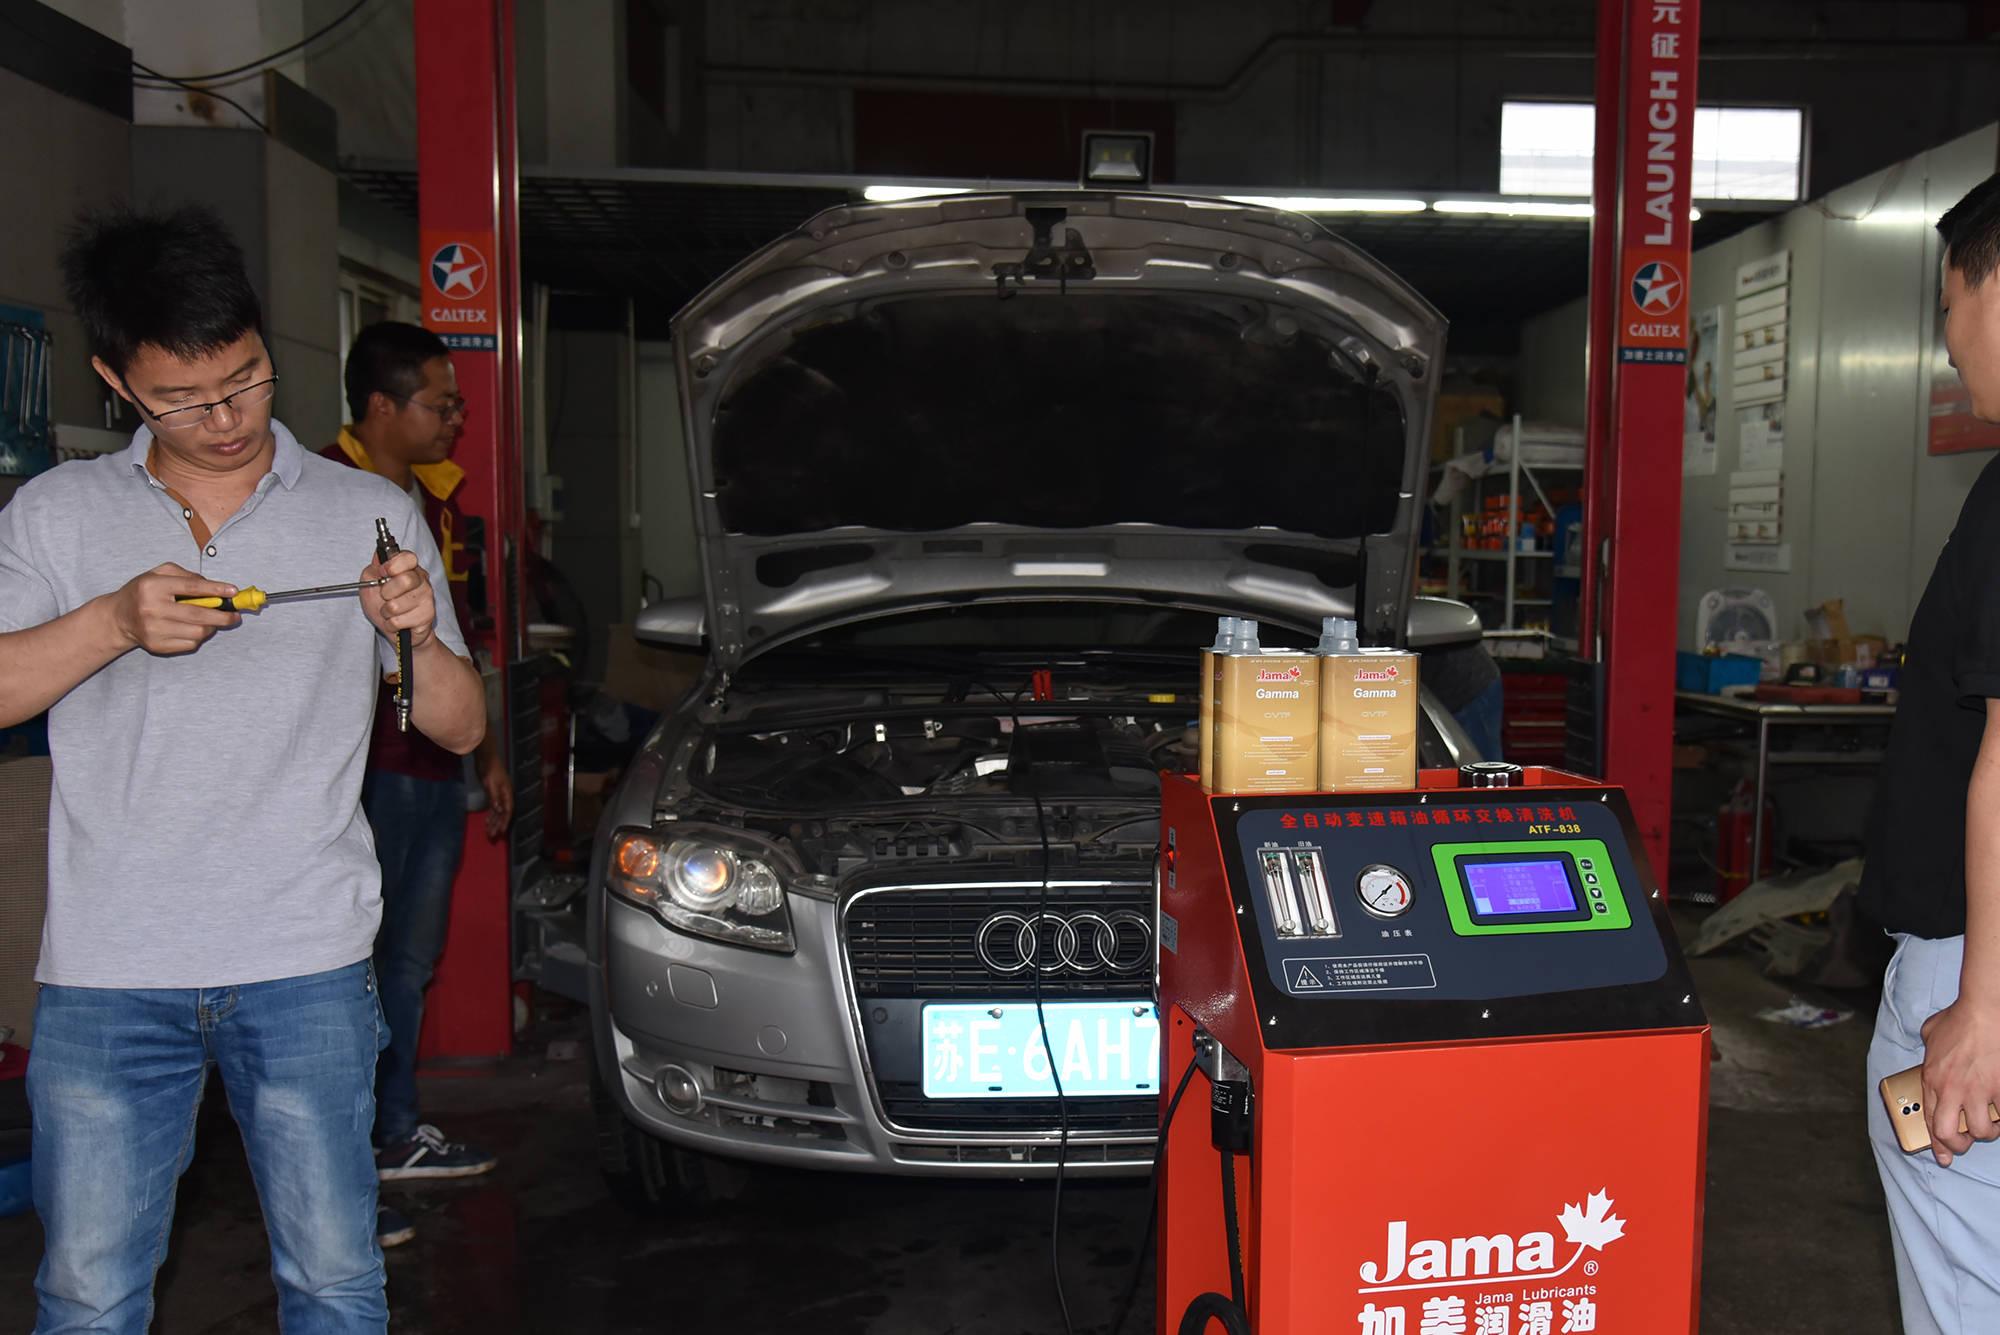 清洗发动机多少钱(行驶多少公里需要清洗发动机)插图(4)